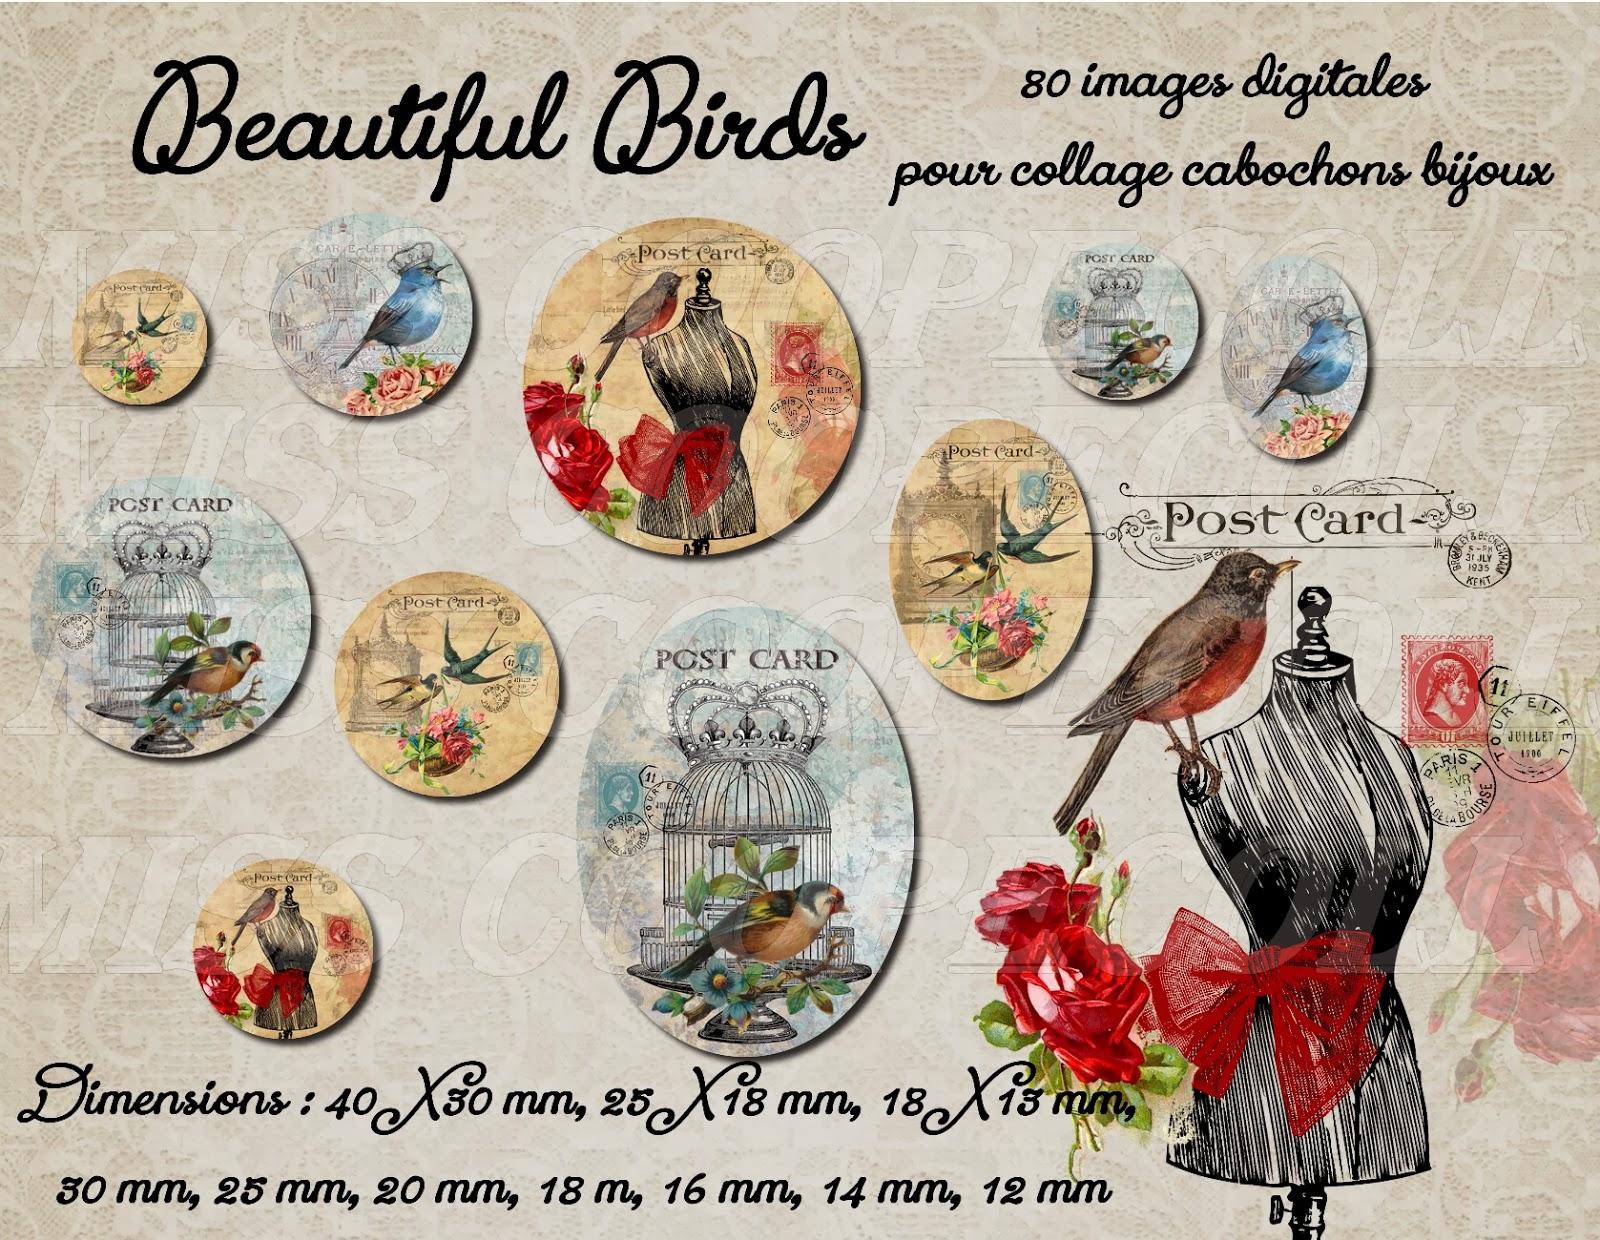 http://www.alittlemarket.com/loisirs-creatifs-scrapbooking/nouveaute_80_images_pour_collage_digital_cabochons_bijoux_beautiful_birds_envoi_par_mail-6915065.html